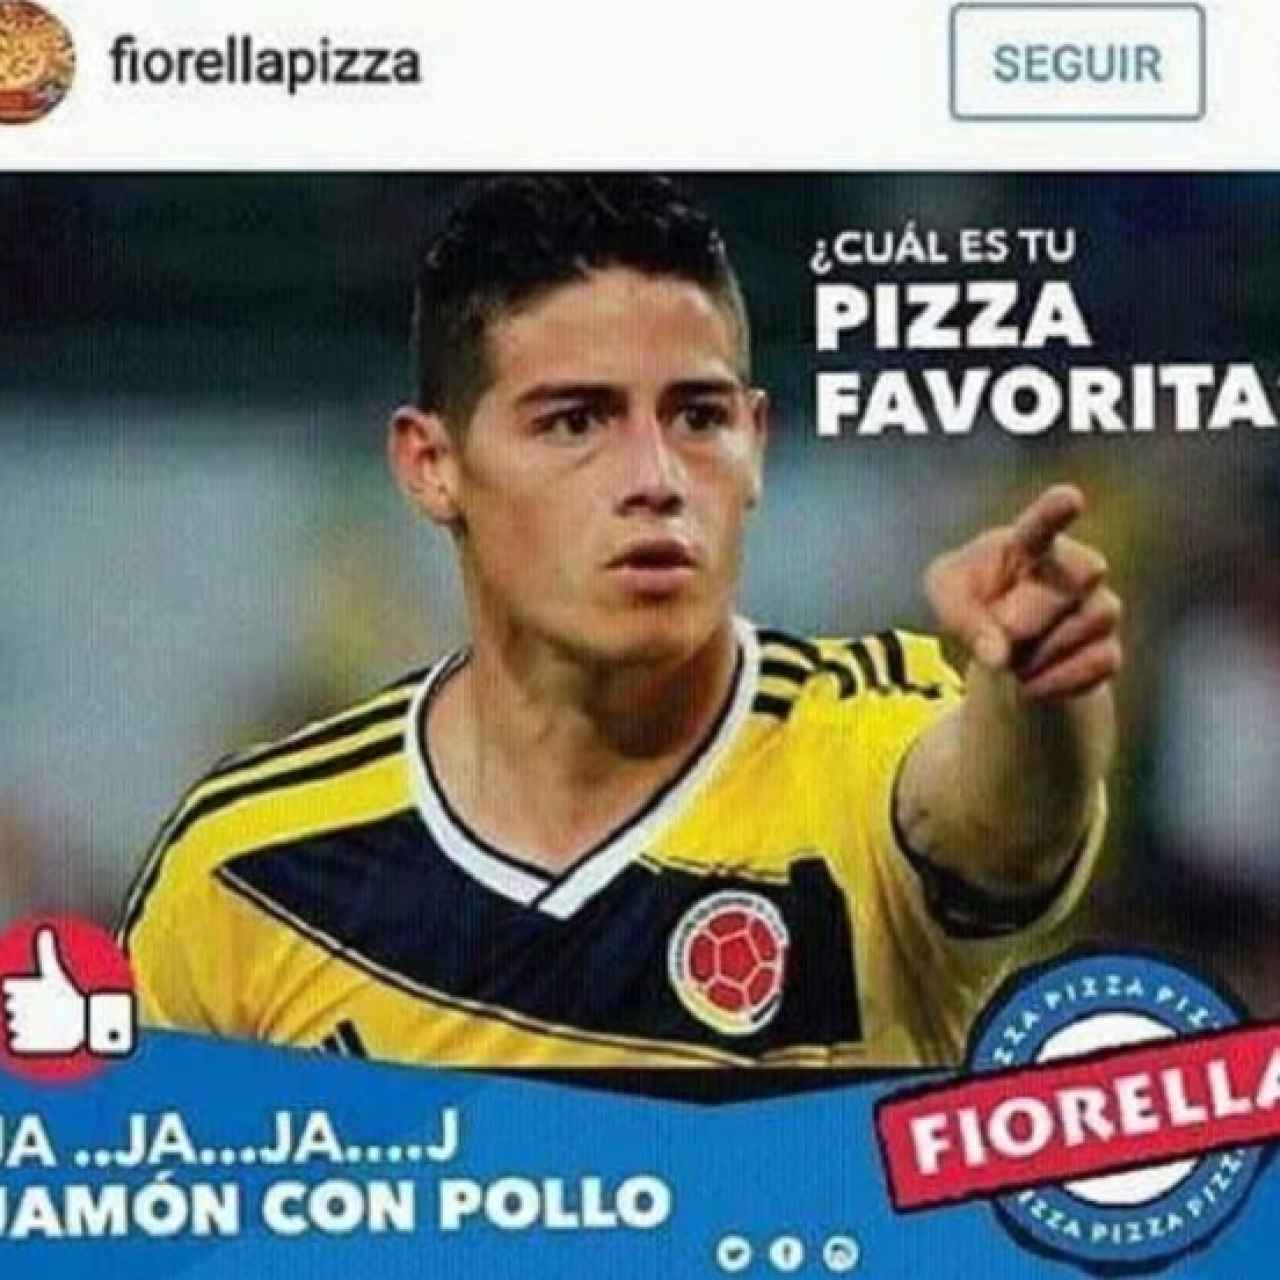 La mofa por parte de una pizzería colombiana.